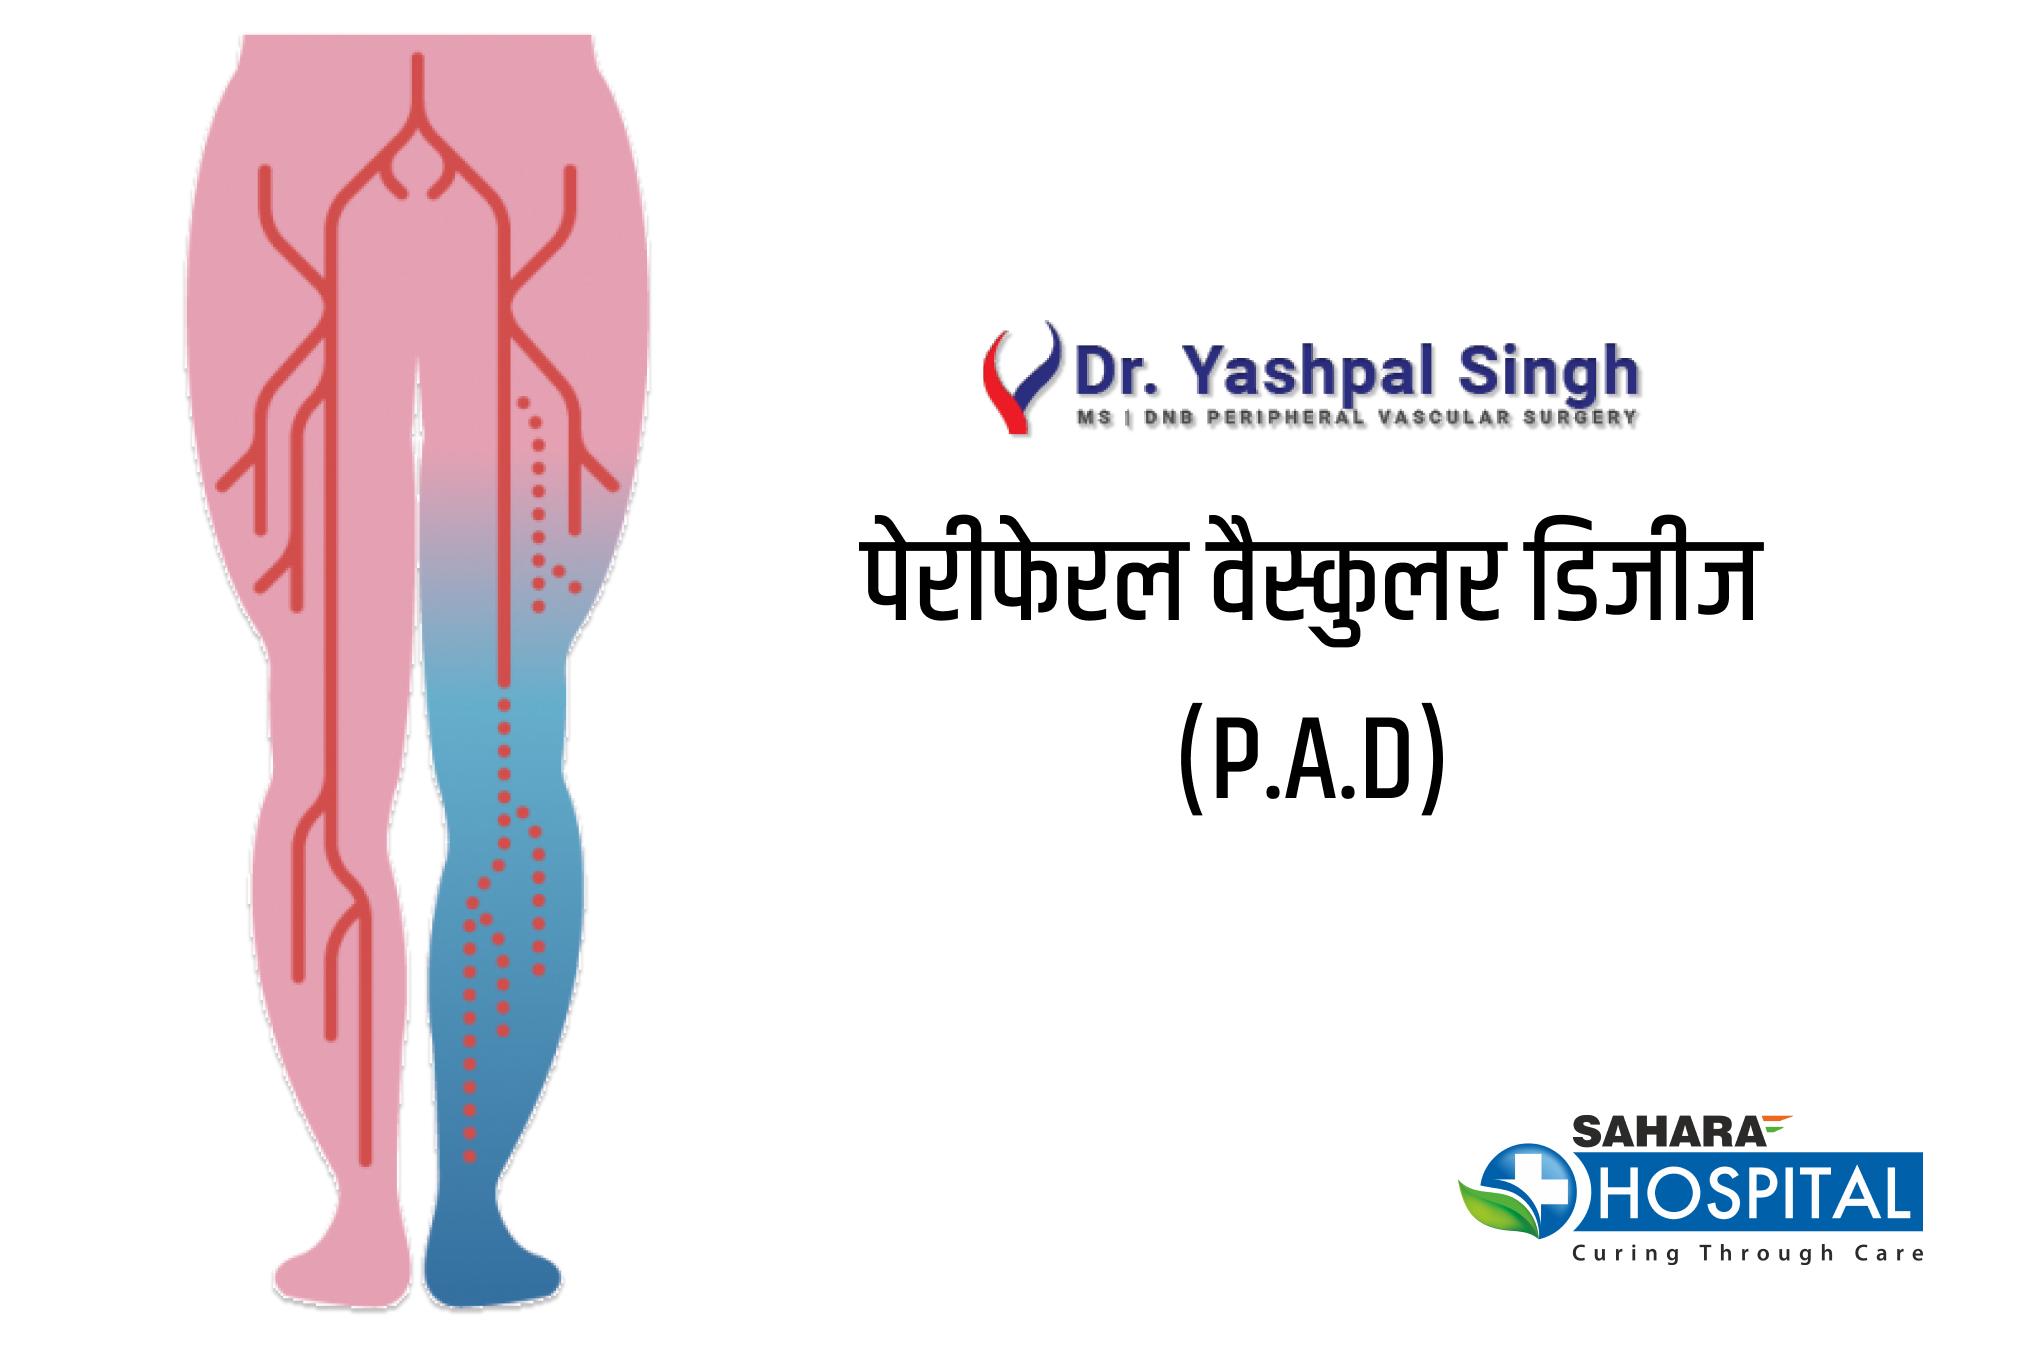 दर्द, कालापन, गैंग्रीन या अलसर हो तो-पेरीफेरल वैस्कुलर डिजीज